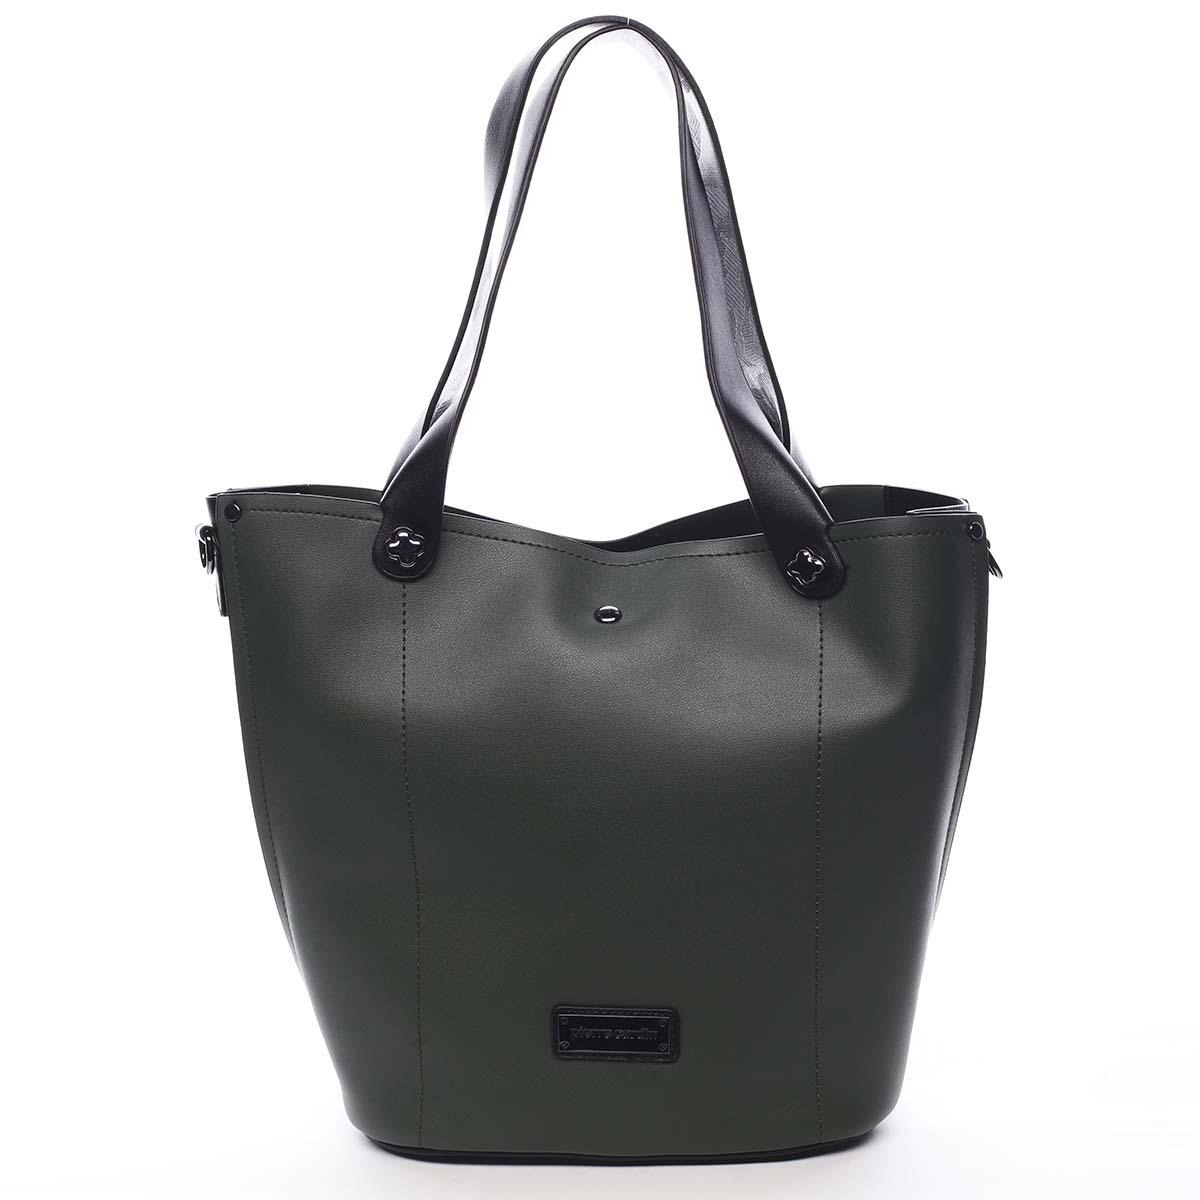 Dámská kabelka tmavě zelená - Pierre Cardin Avrill